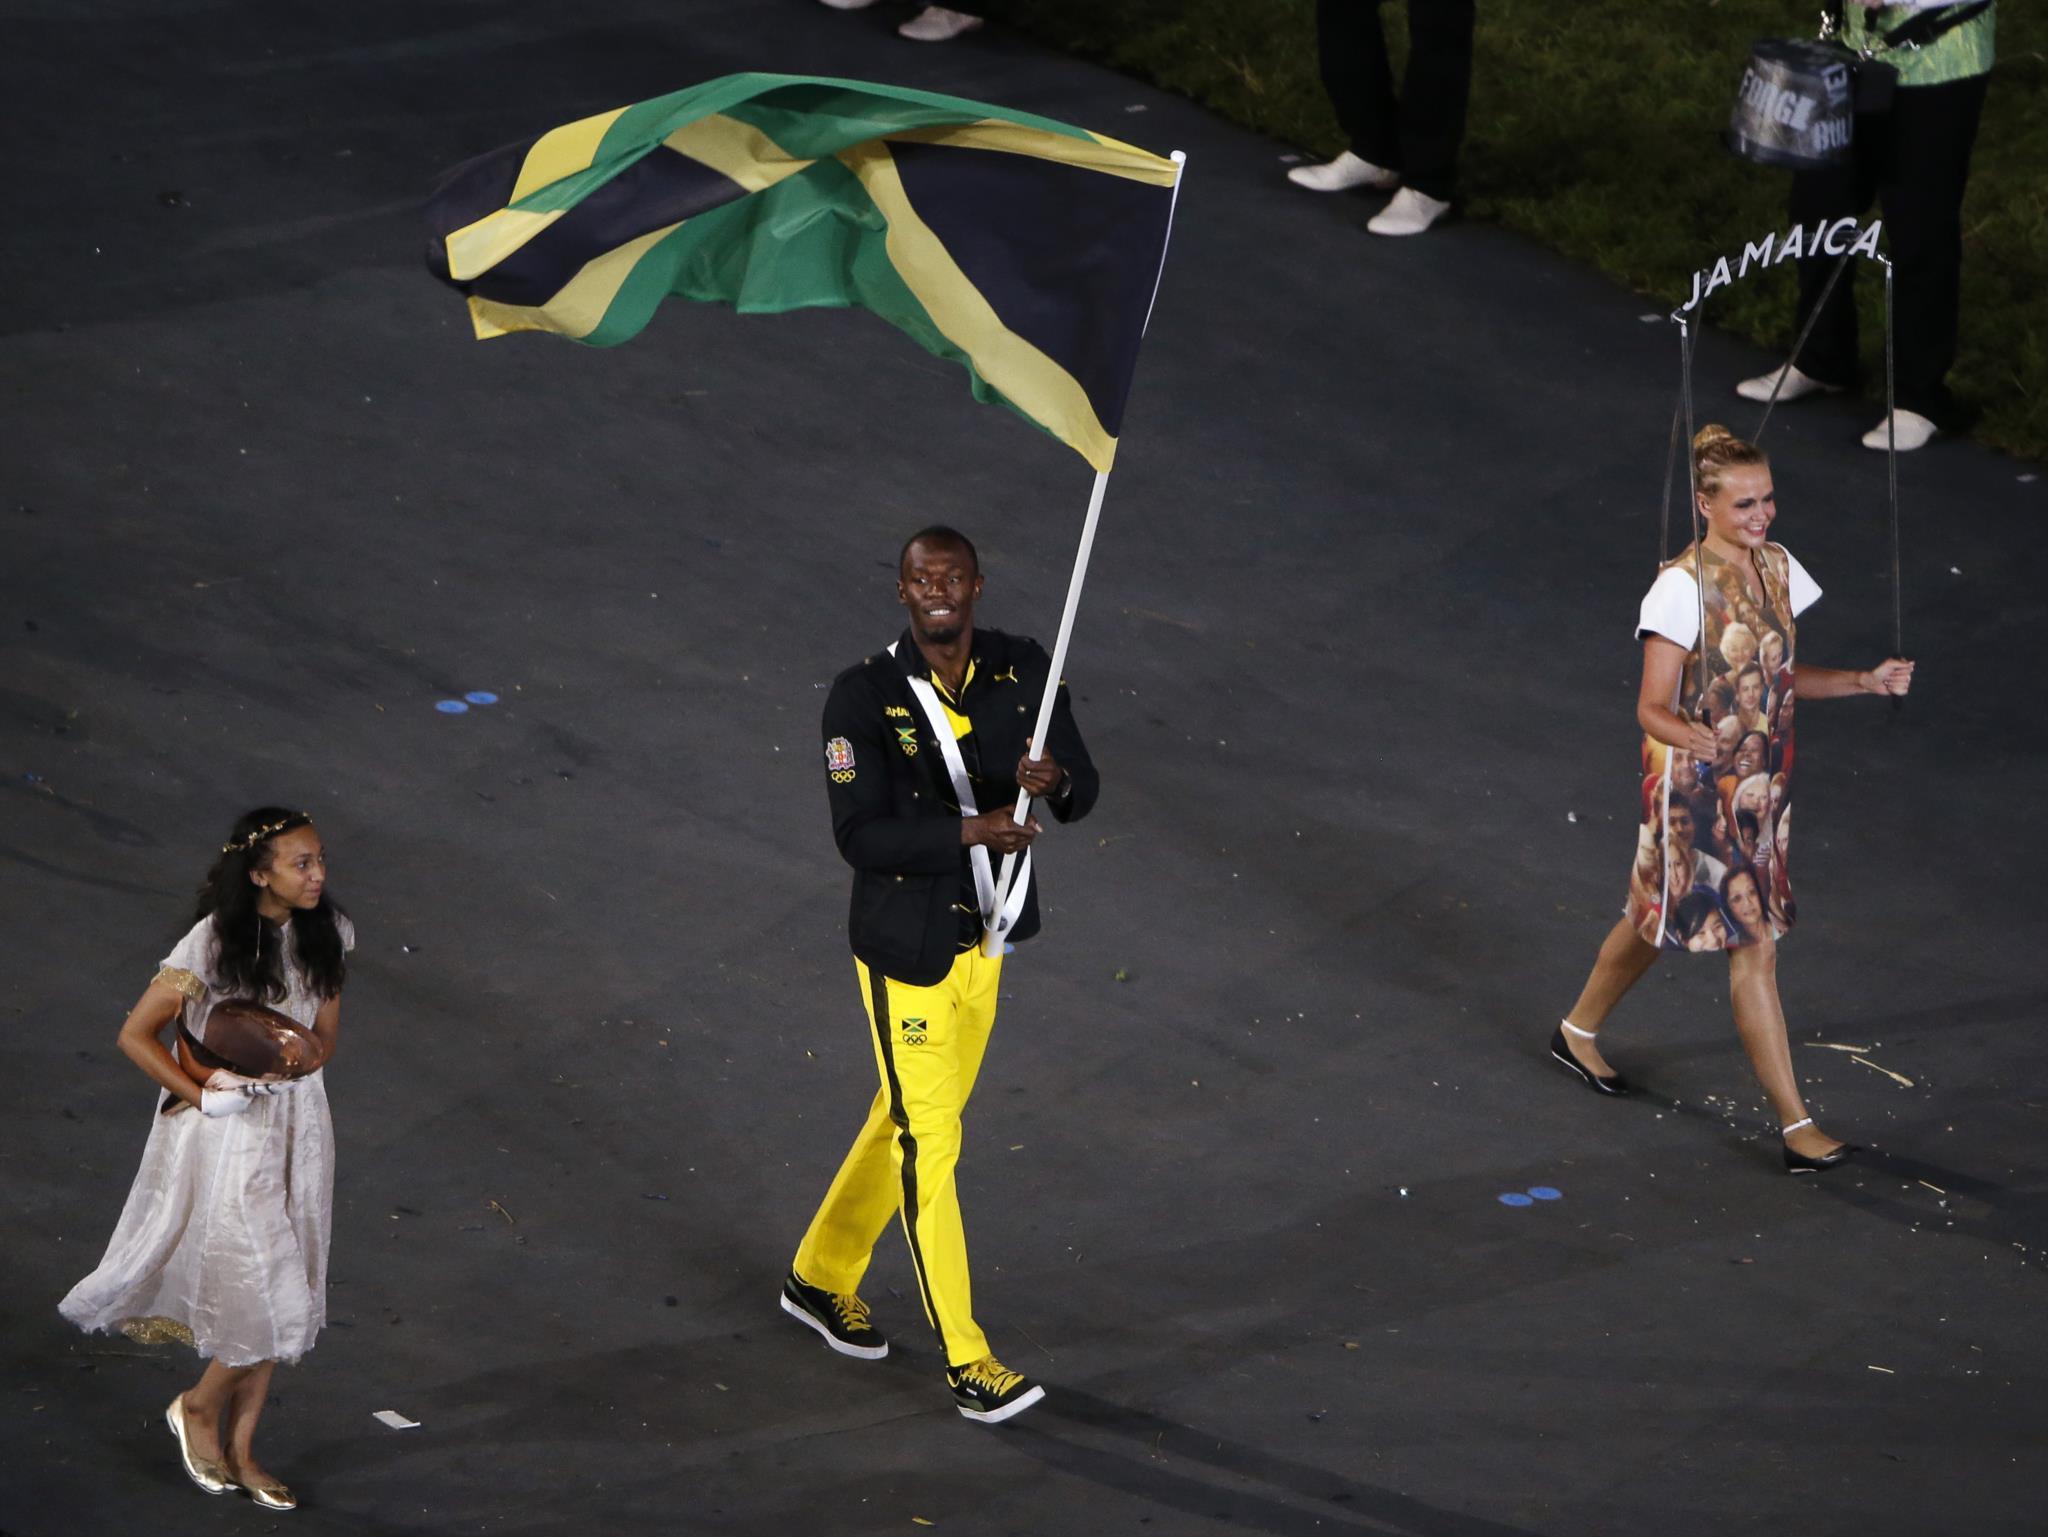 Usain Bolt com a bandeira da Jamaica na cerimónia de abertura dos Jogos Olímpicos de Londres em 2012.